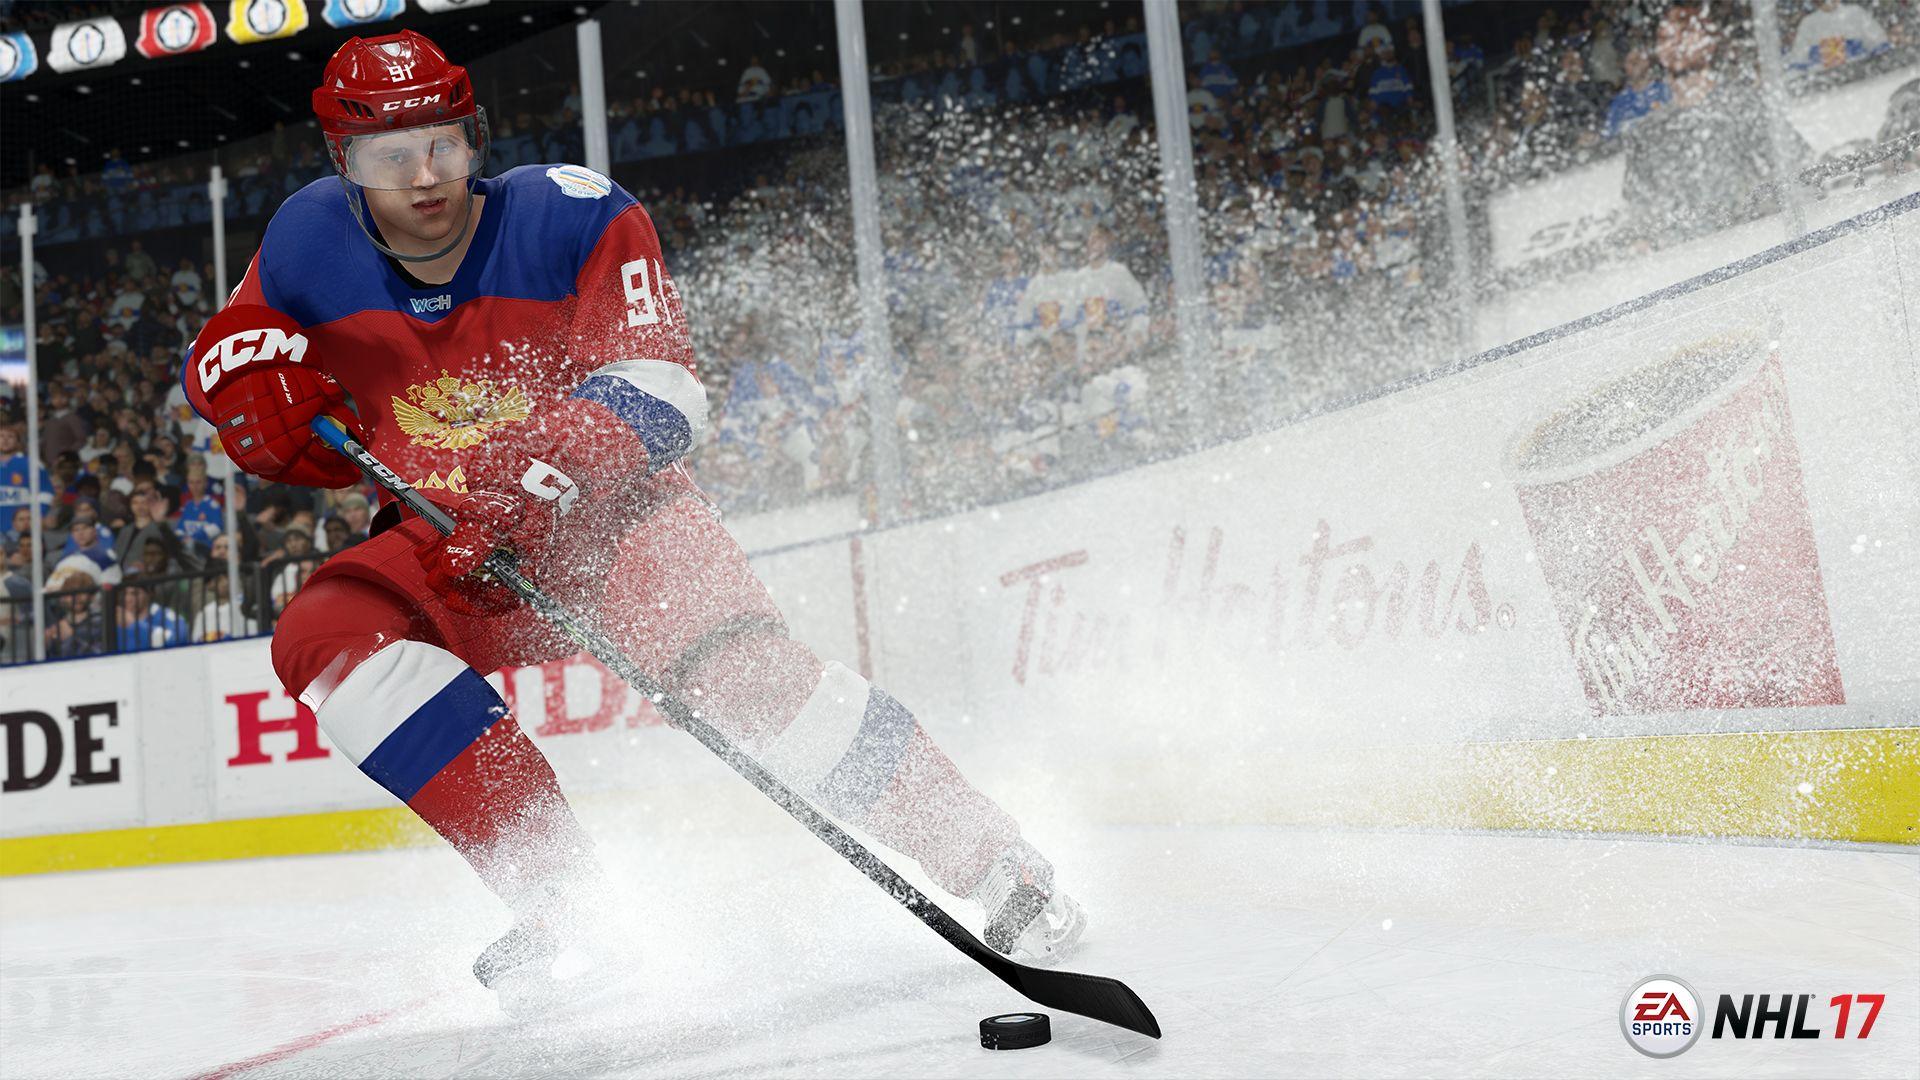 fefb230293a5c Recenze: NHL 17 jede v režimu setrvačnosti. Revoluce přijde až za rok -  Aktuálně.cz